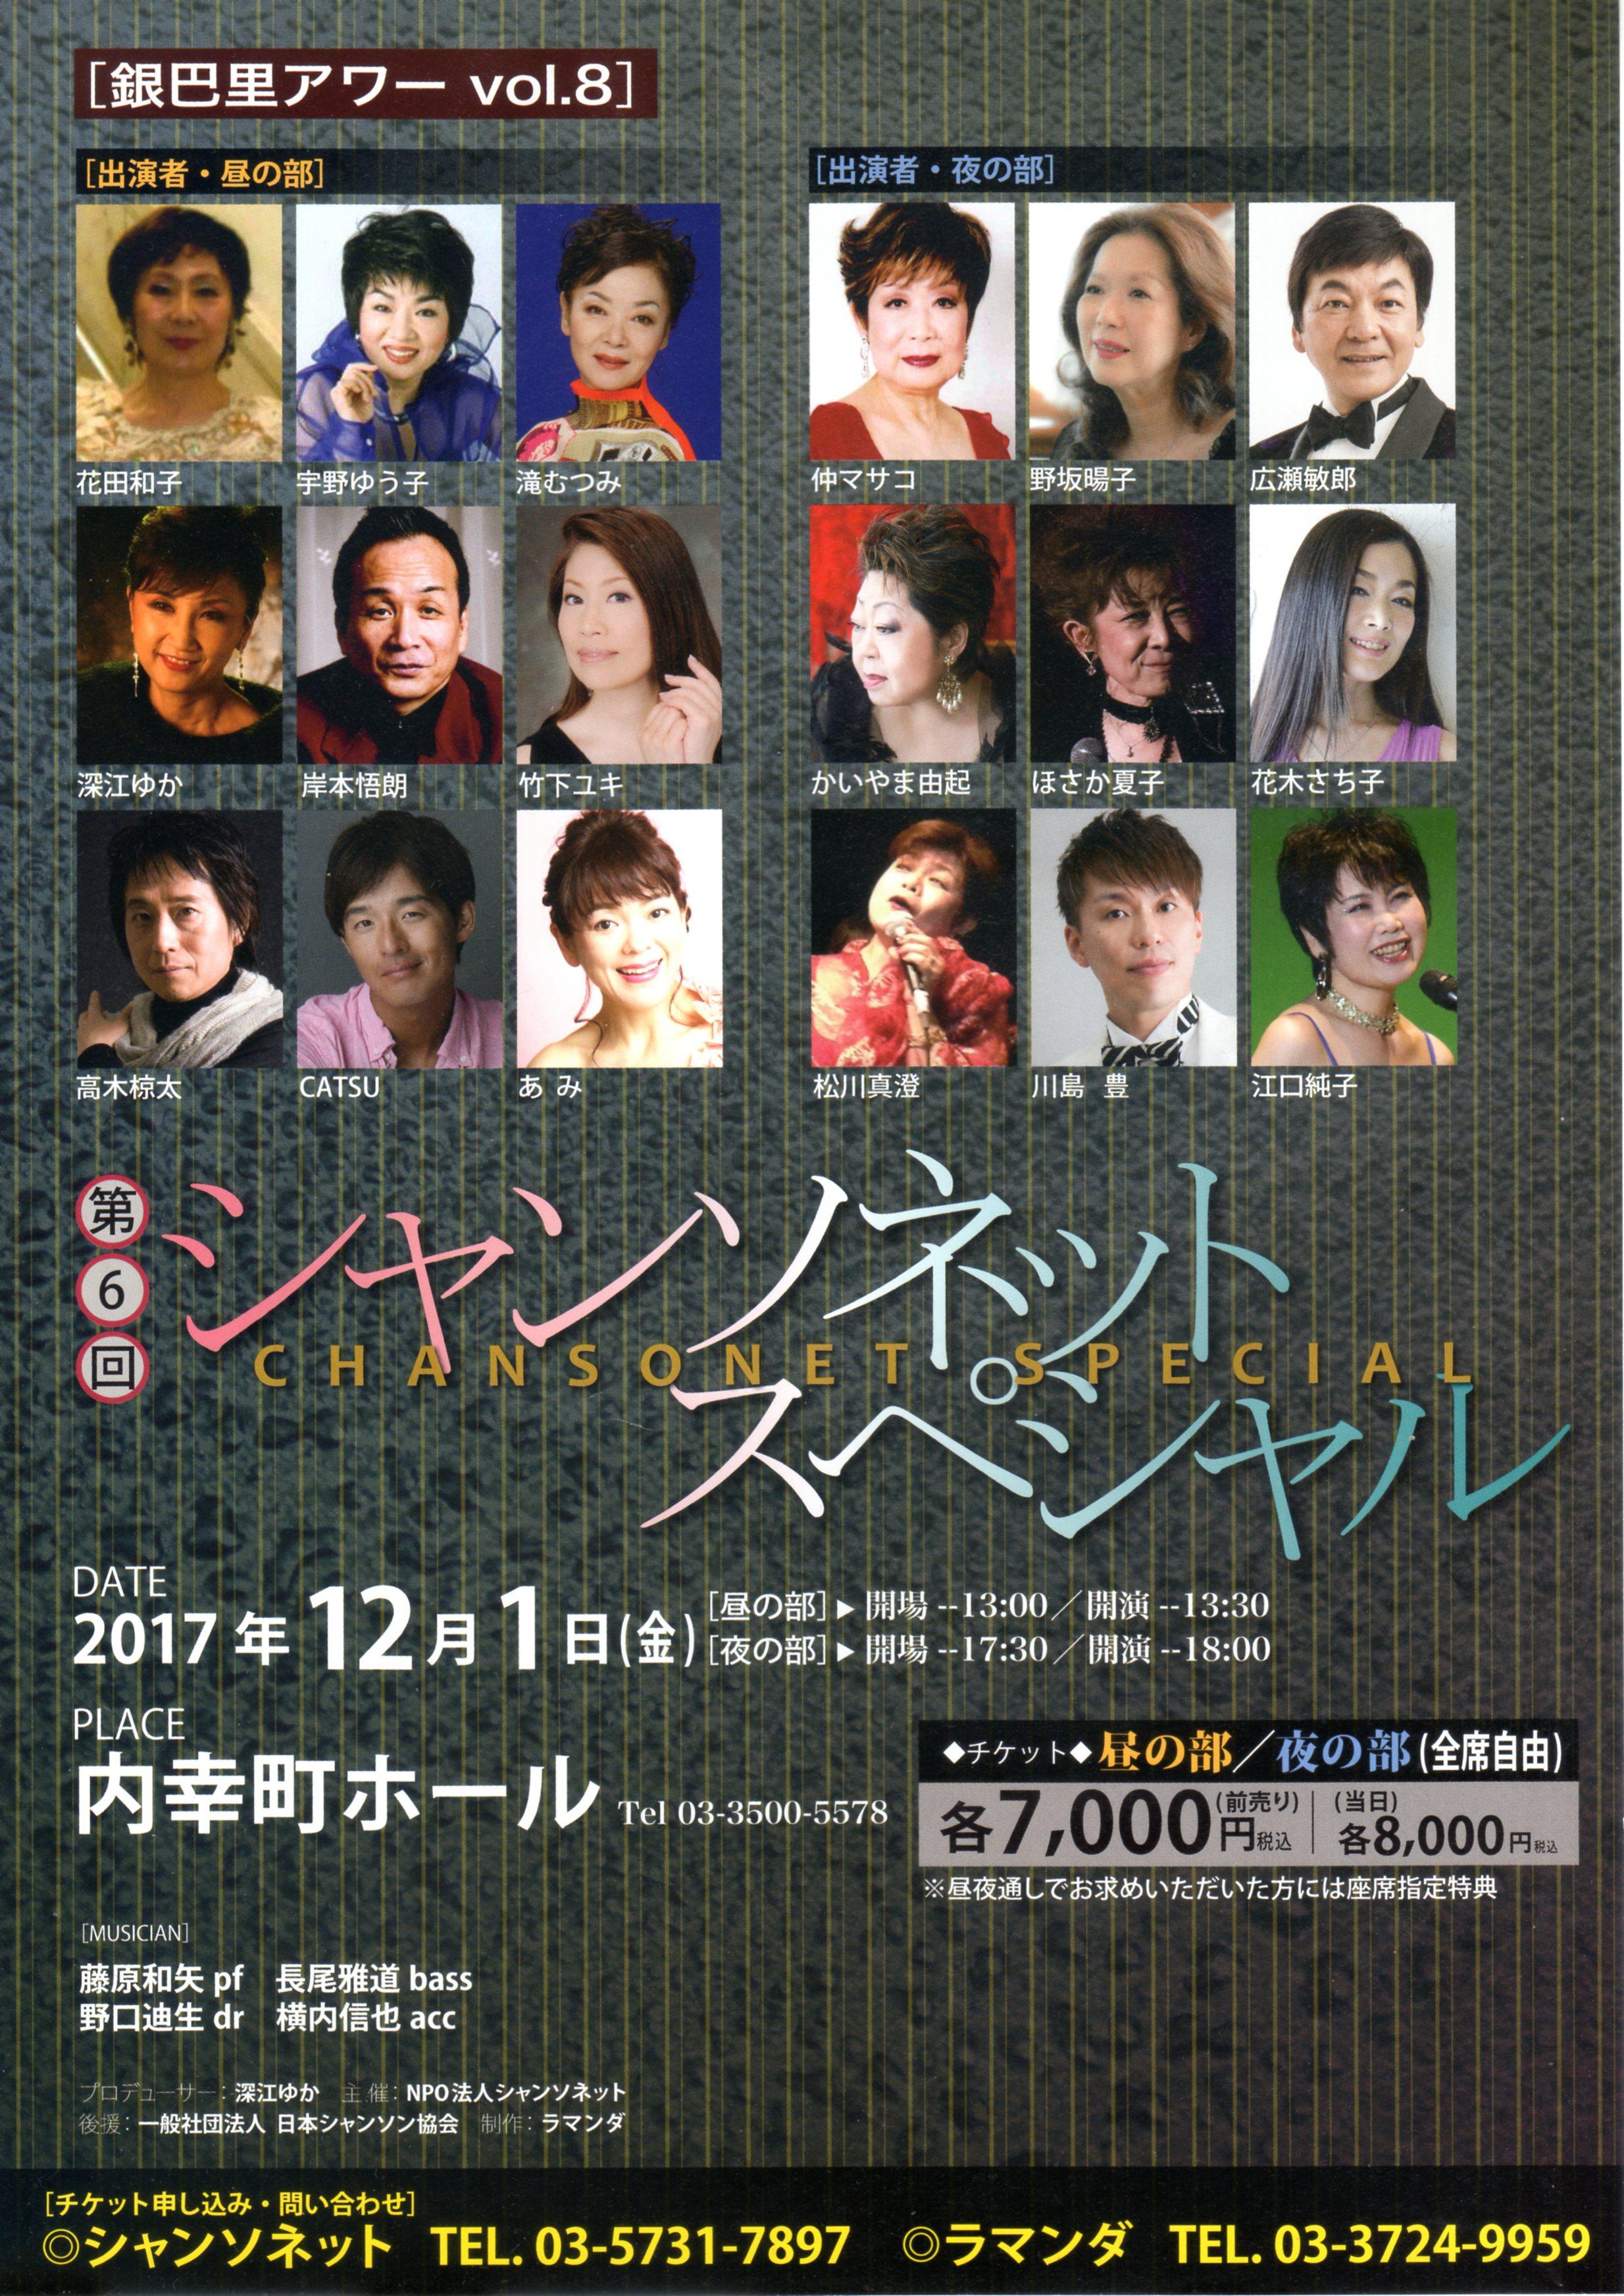 http://unoyuko.com/blog/chanson/img089.jpg